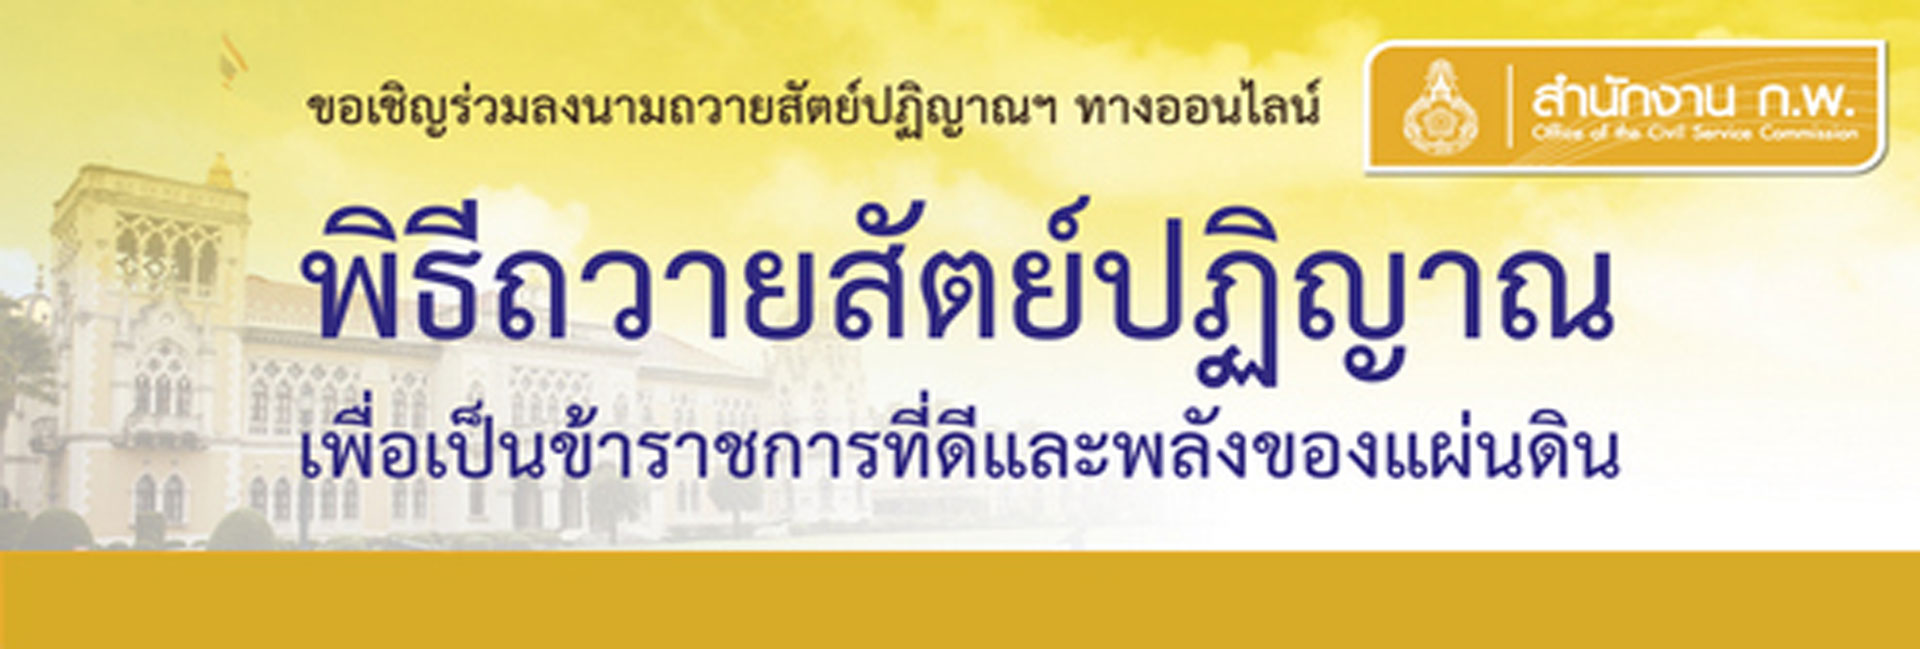 ลงนามถวายสัตย์ปฎิญาณฯ ออนไลน์ ตั้งแต่บัดนี้จนถึงวันที่ 31 กรกฎาคม 2563